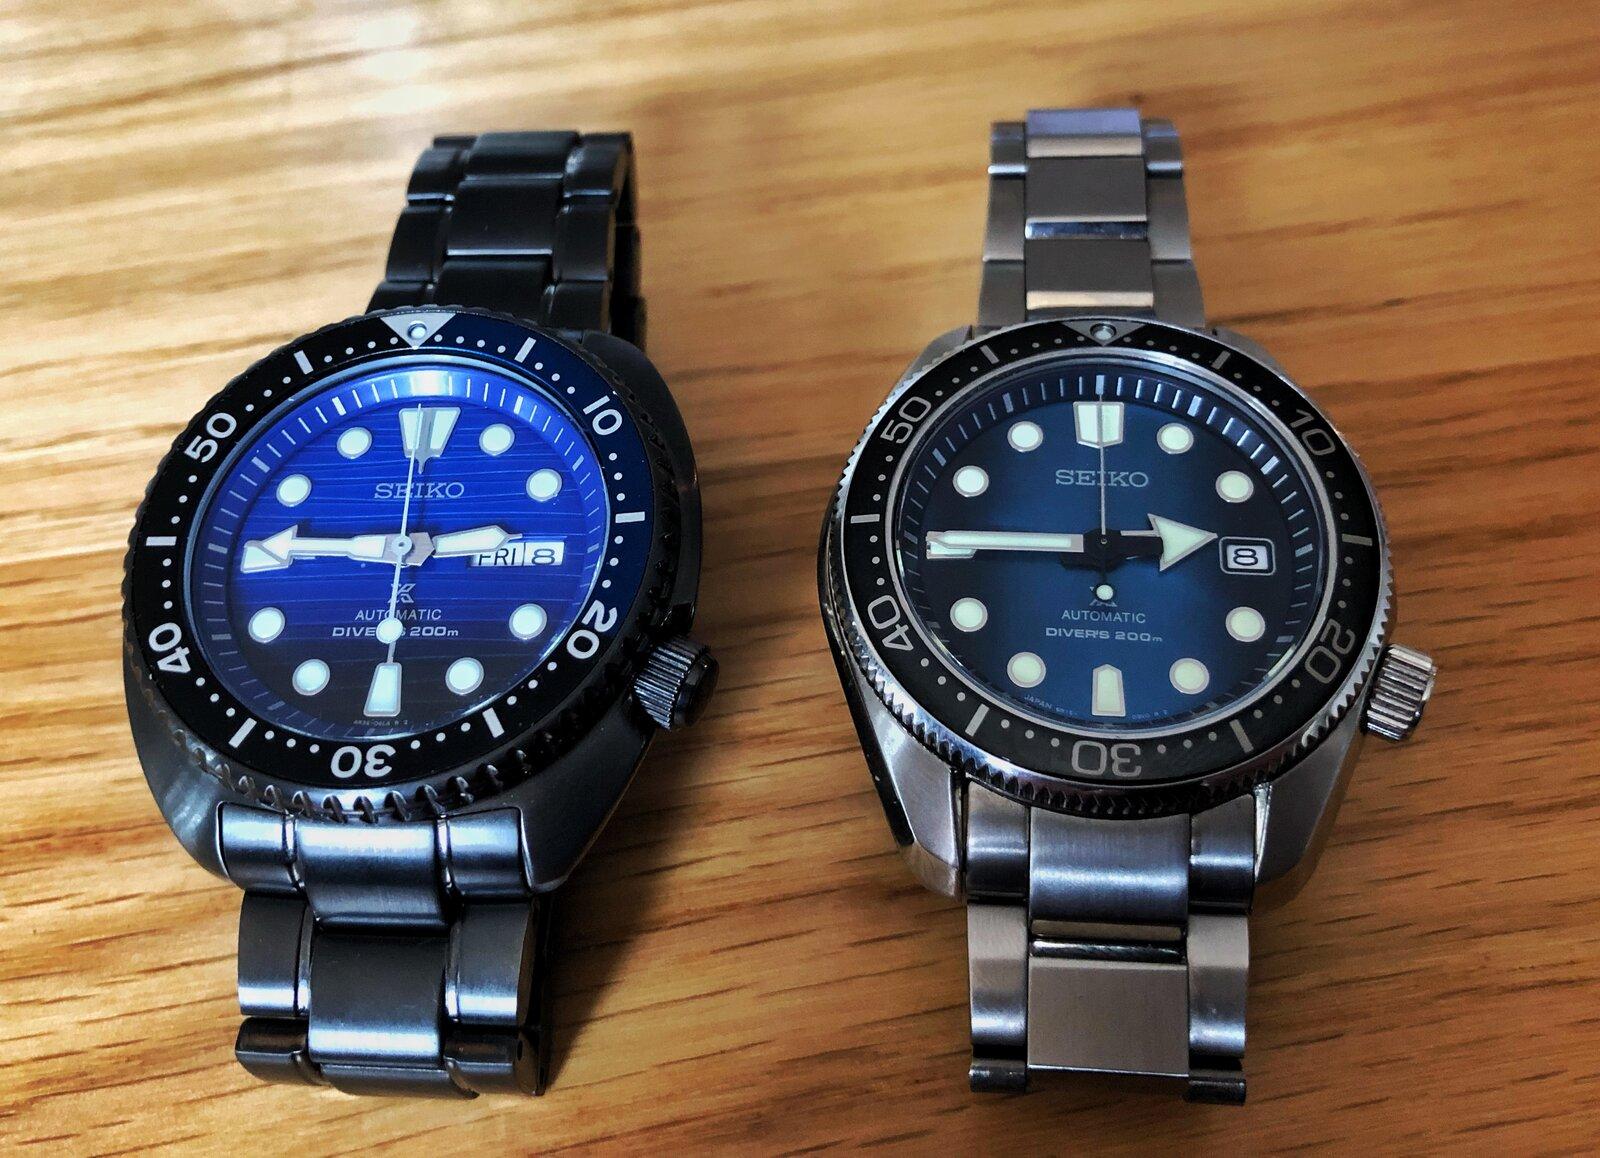 4546B89E-1823-4EF9-87E2-9C122D381273.